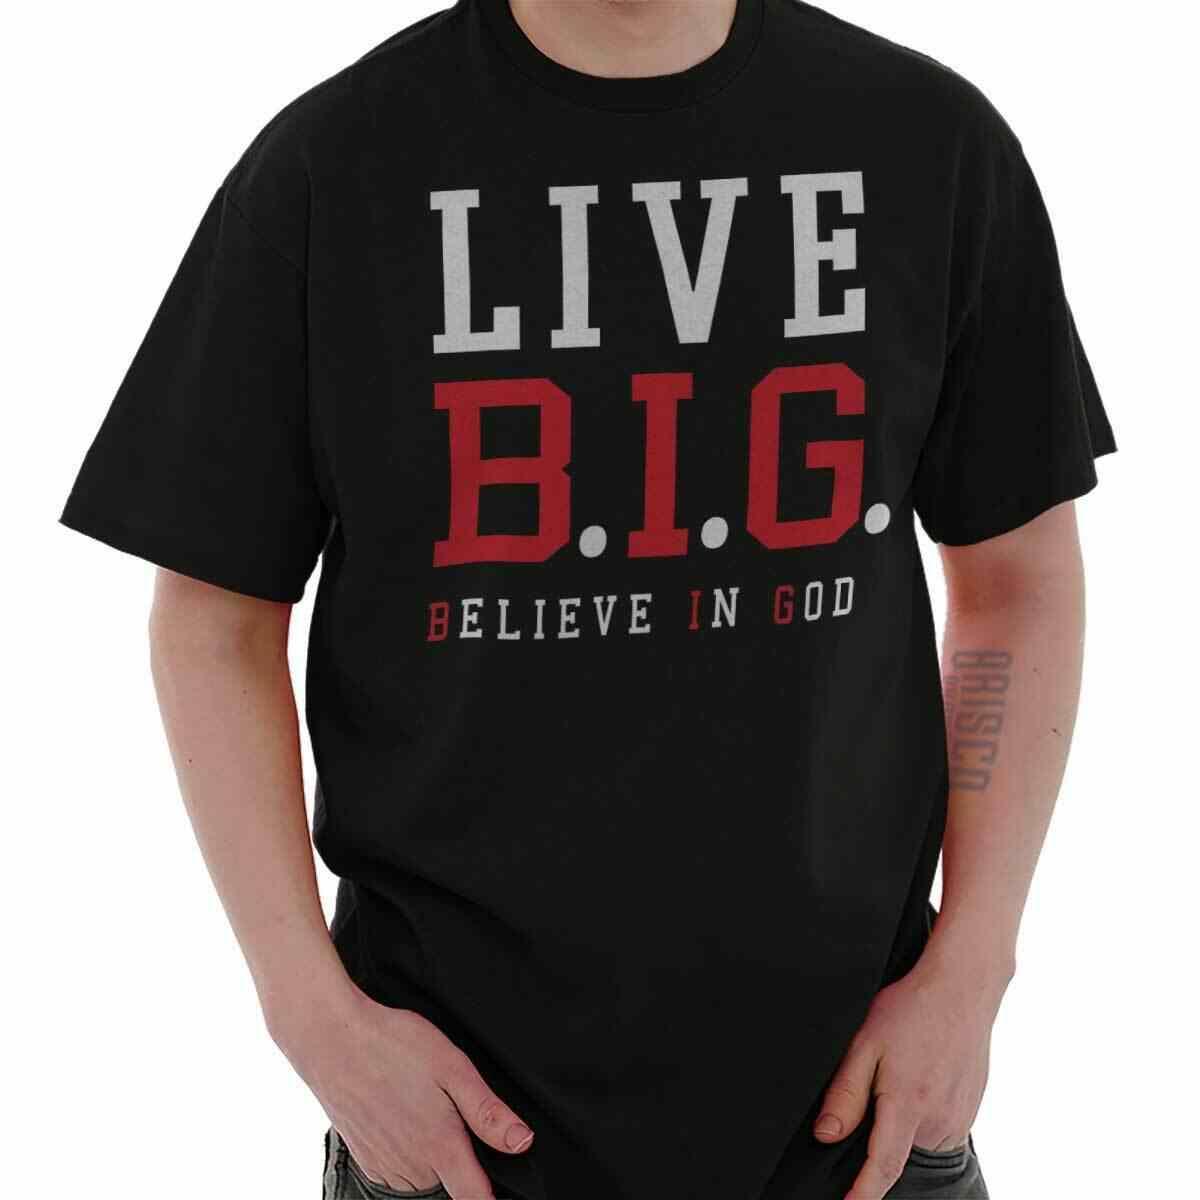 Live BIG Believe in God рубашка с религиозным рисунком религиозный подарок футболка 2019 Красивые футболки модный стиль Мужская футболка 100% хлопок Классическая футболка